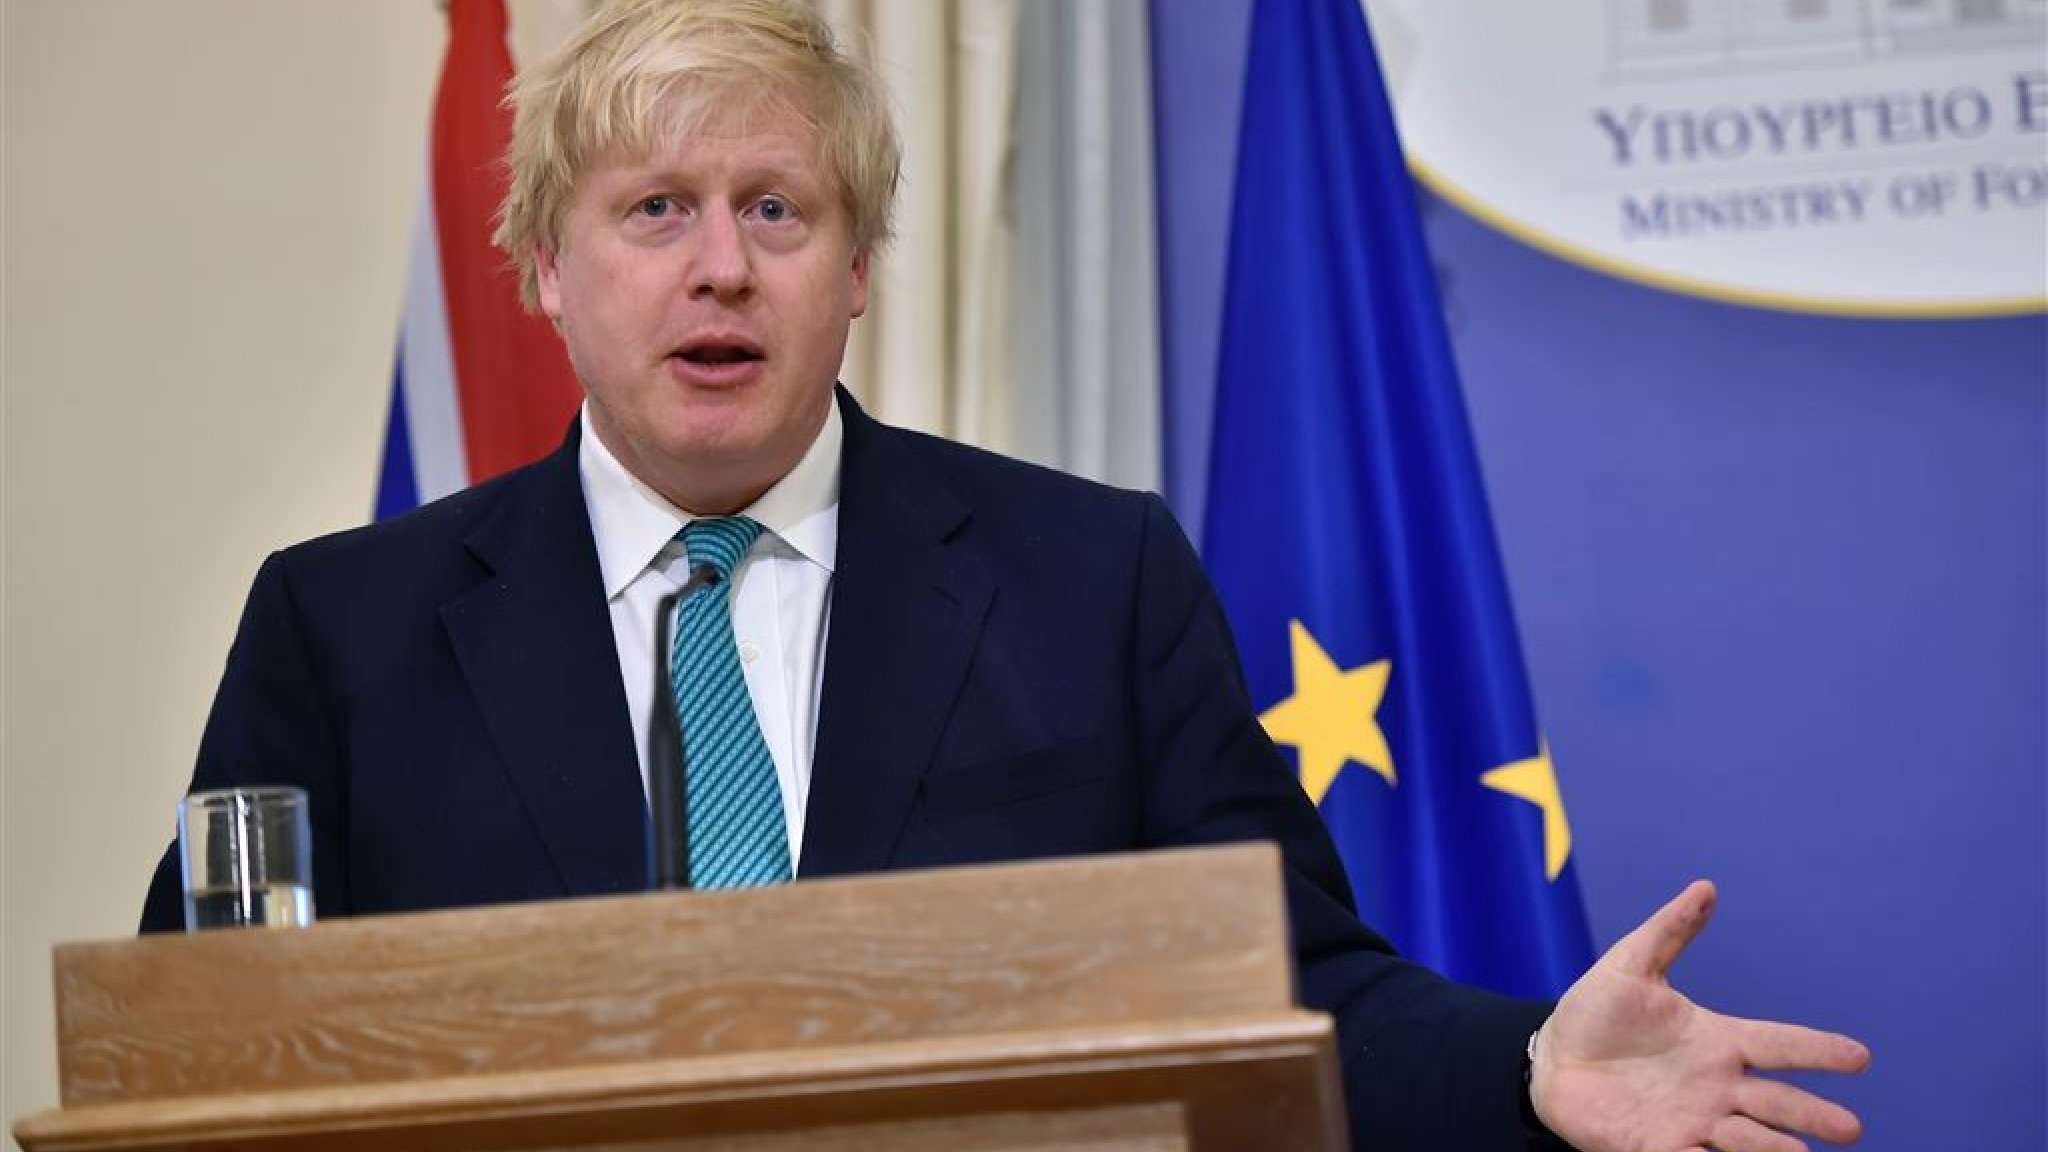 «قمة بروكسل» الفرصة الأخيرة أمام البريطانيين والأوروبيين لحسم مصير البريكست